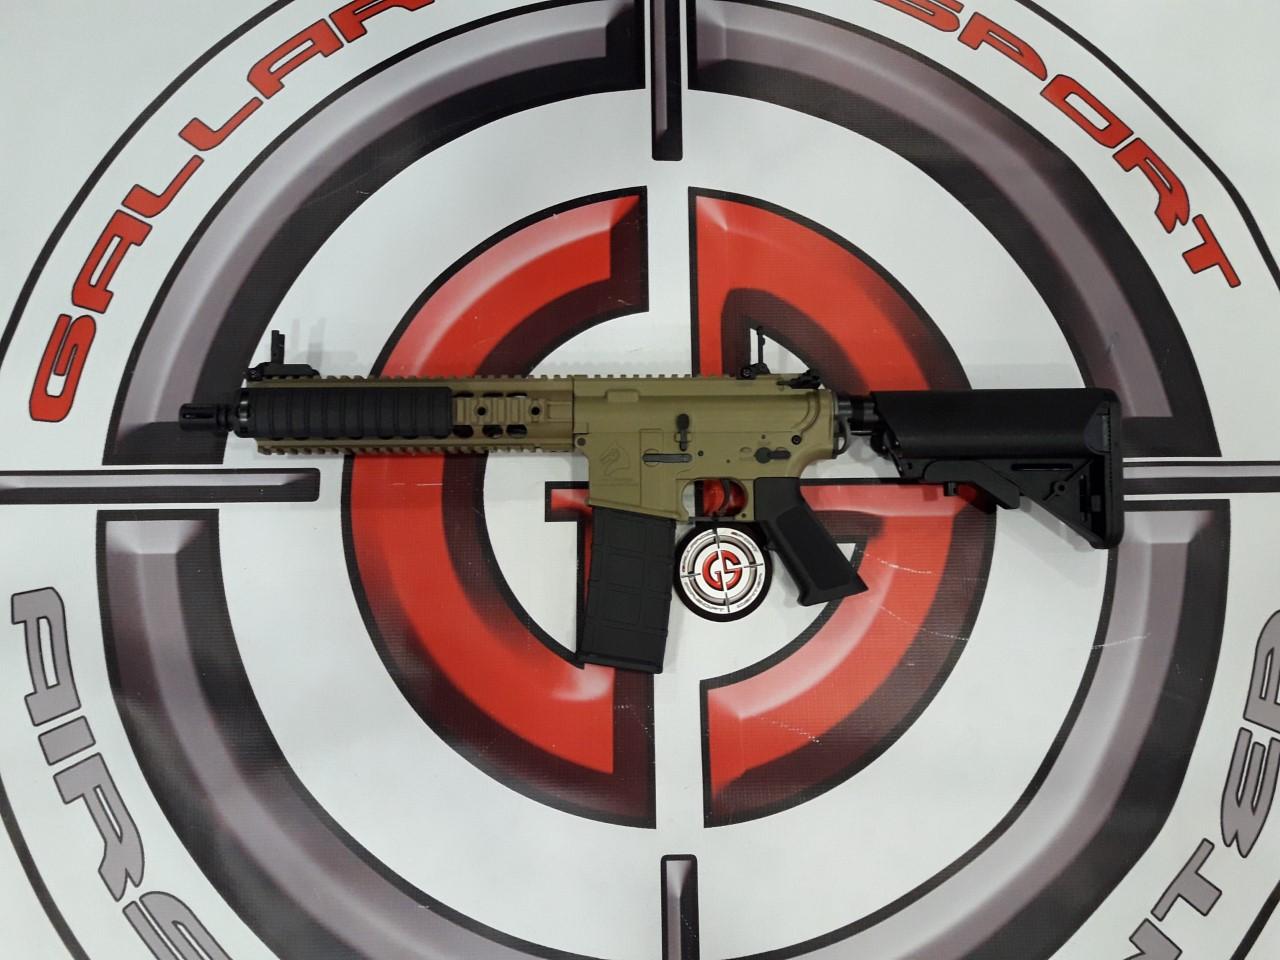 AEG M4 BAW TAN BO DYNAMICS